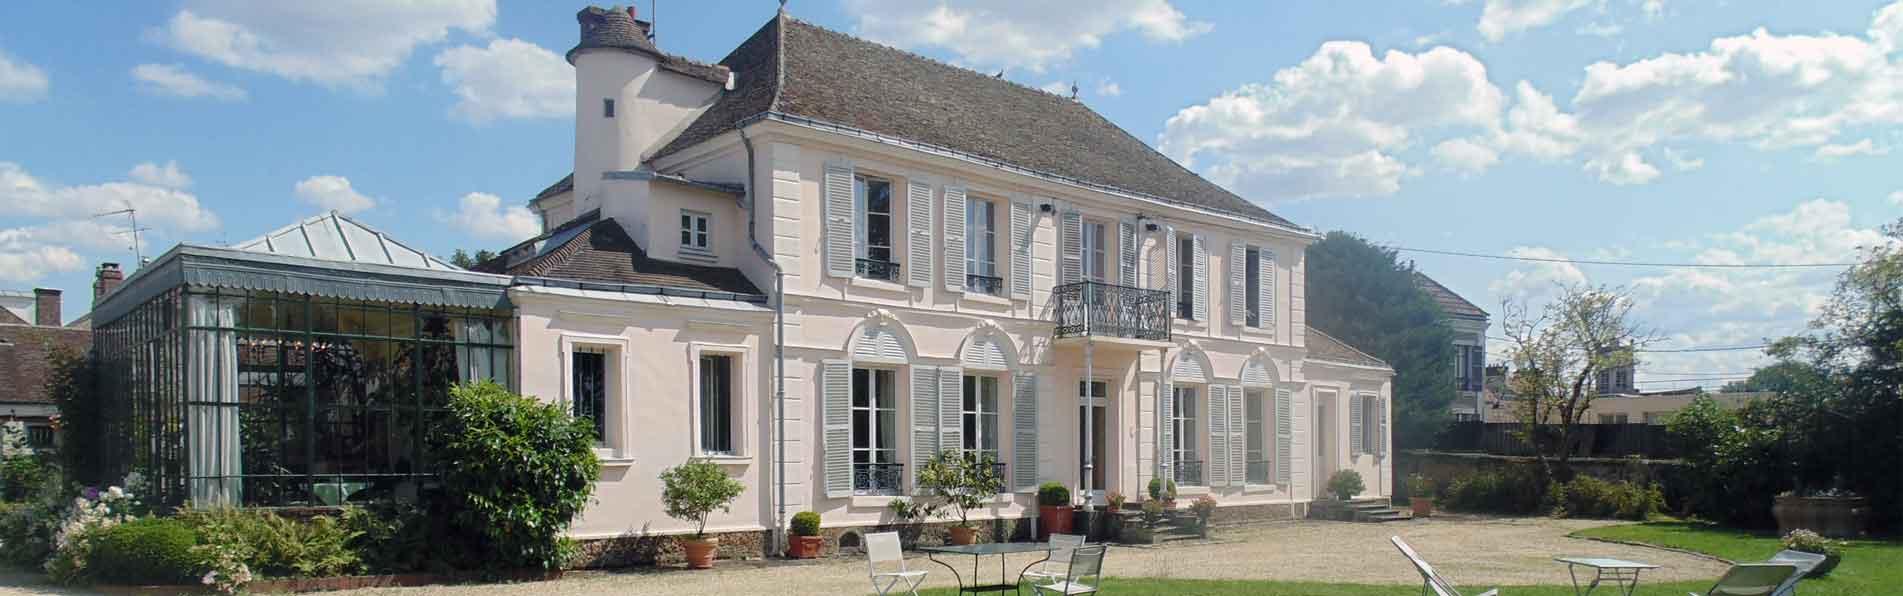 Maison d'hôte Le Clos Saint-Nicolas à Neauphle Le Château - 78 Yvelines